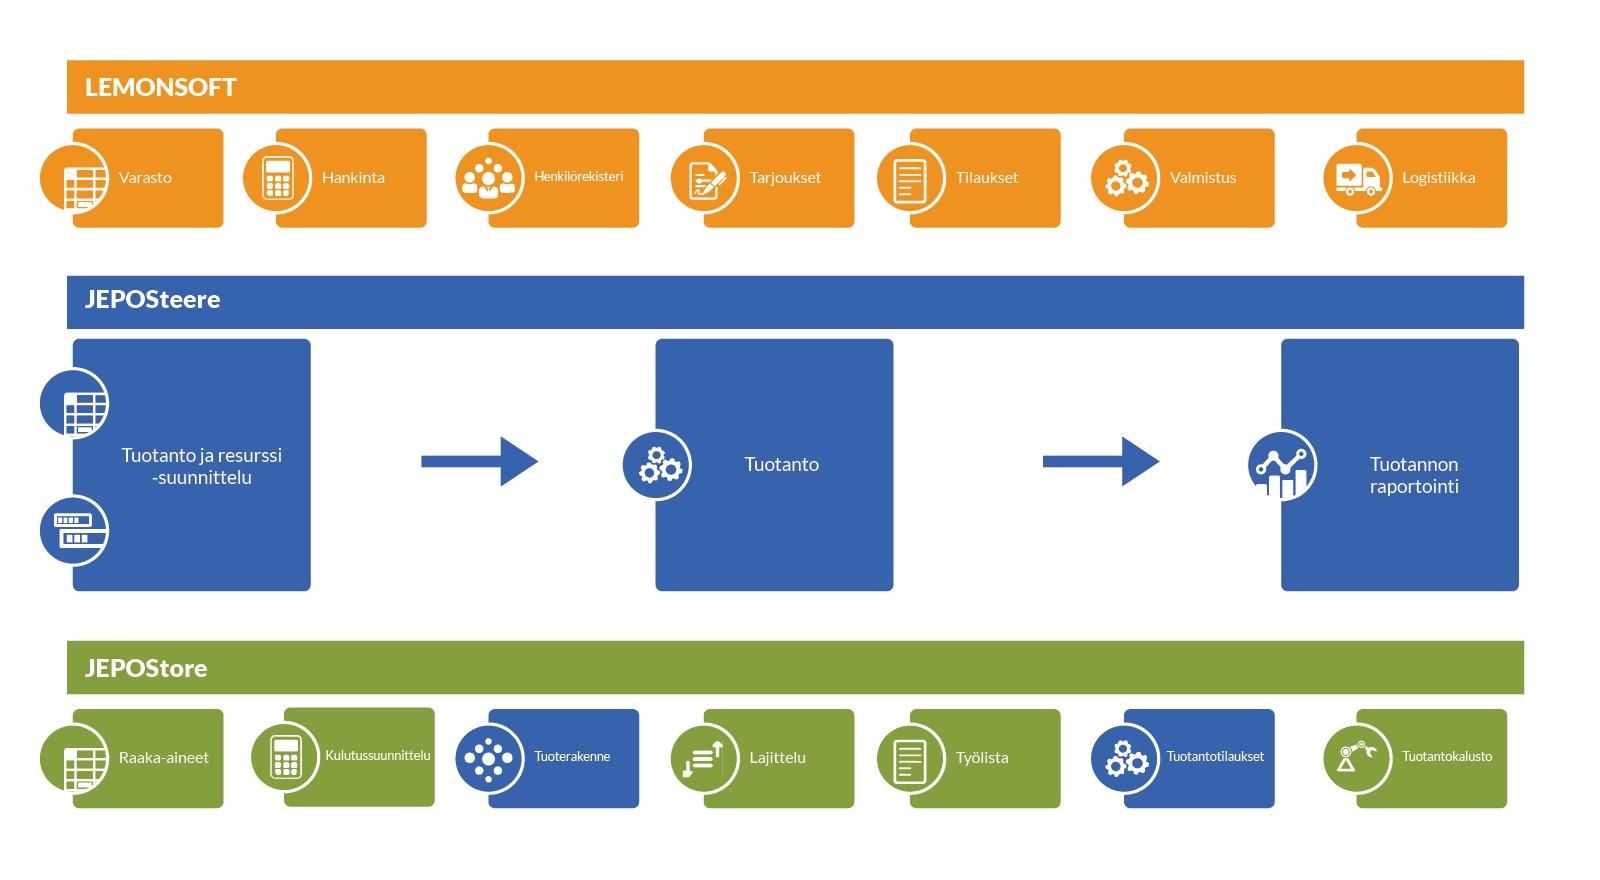 Jepon Perunan toimitusketju kuvattuna. eCraft on toteuttanut niin varastonhallintajärjestelmän, tuotannonohjauksen, viljelijöiden käyttöön tarkoitetun mobiilisovelluksen sekä integraatiot toisen kumppanin ERP-järjestelmään.